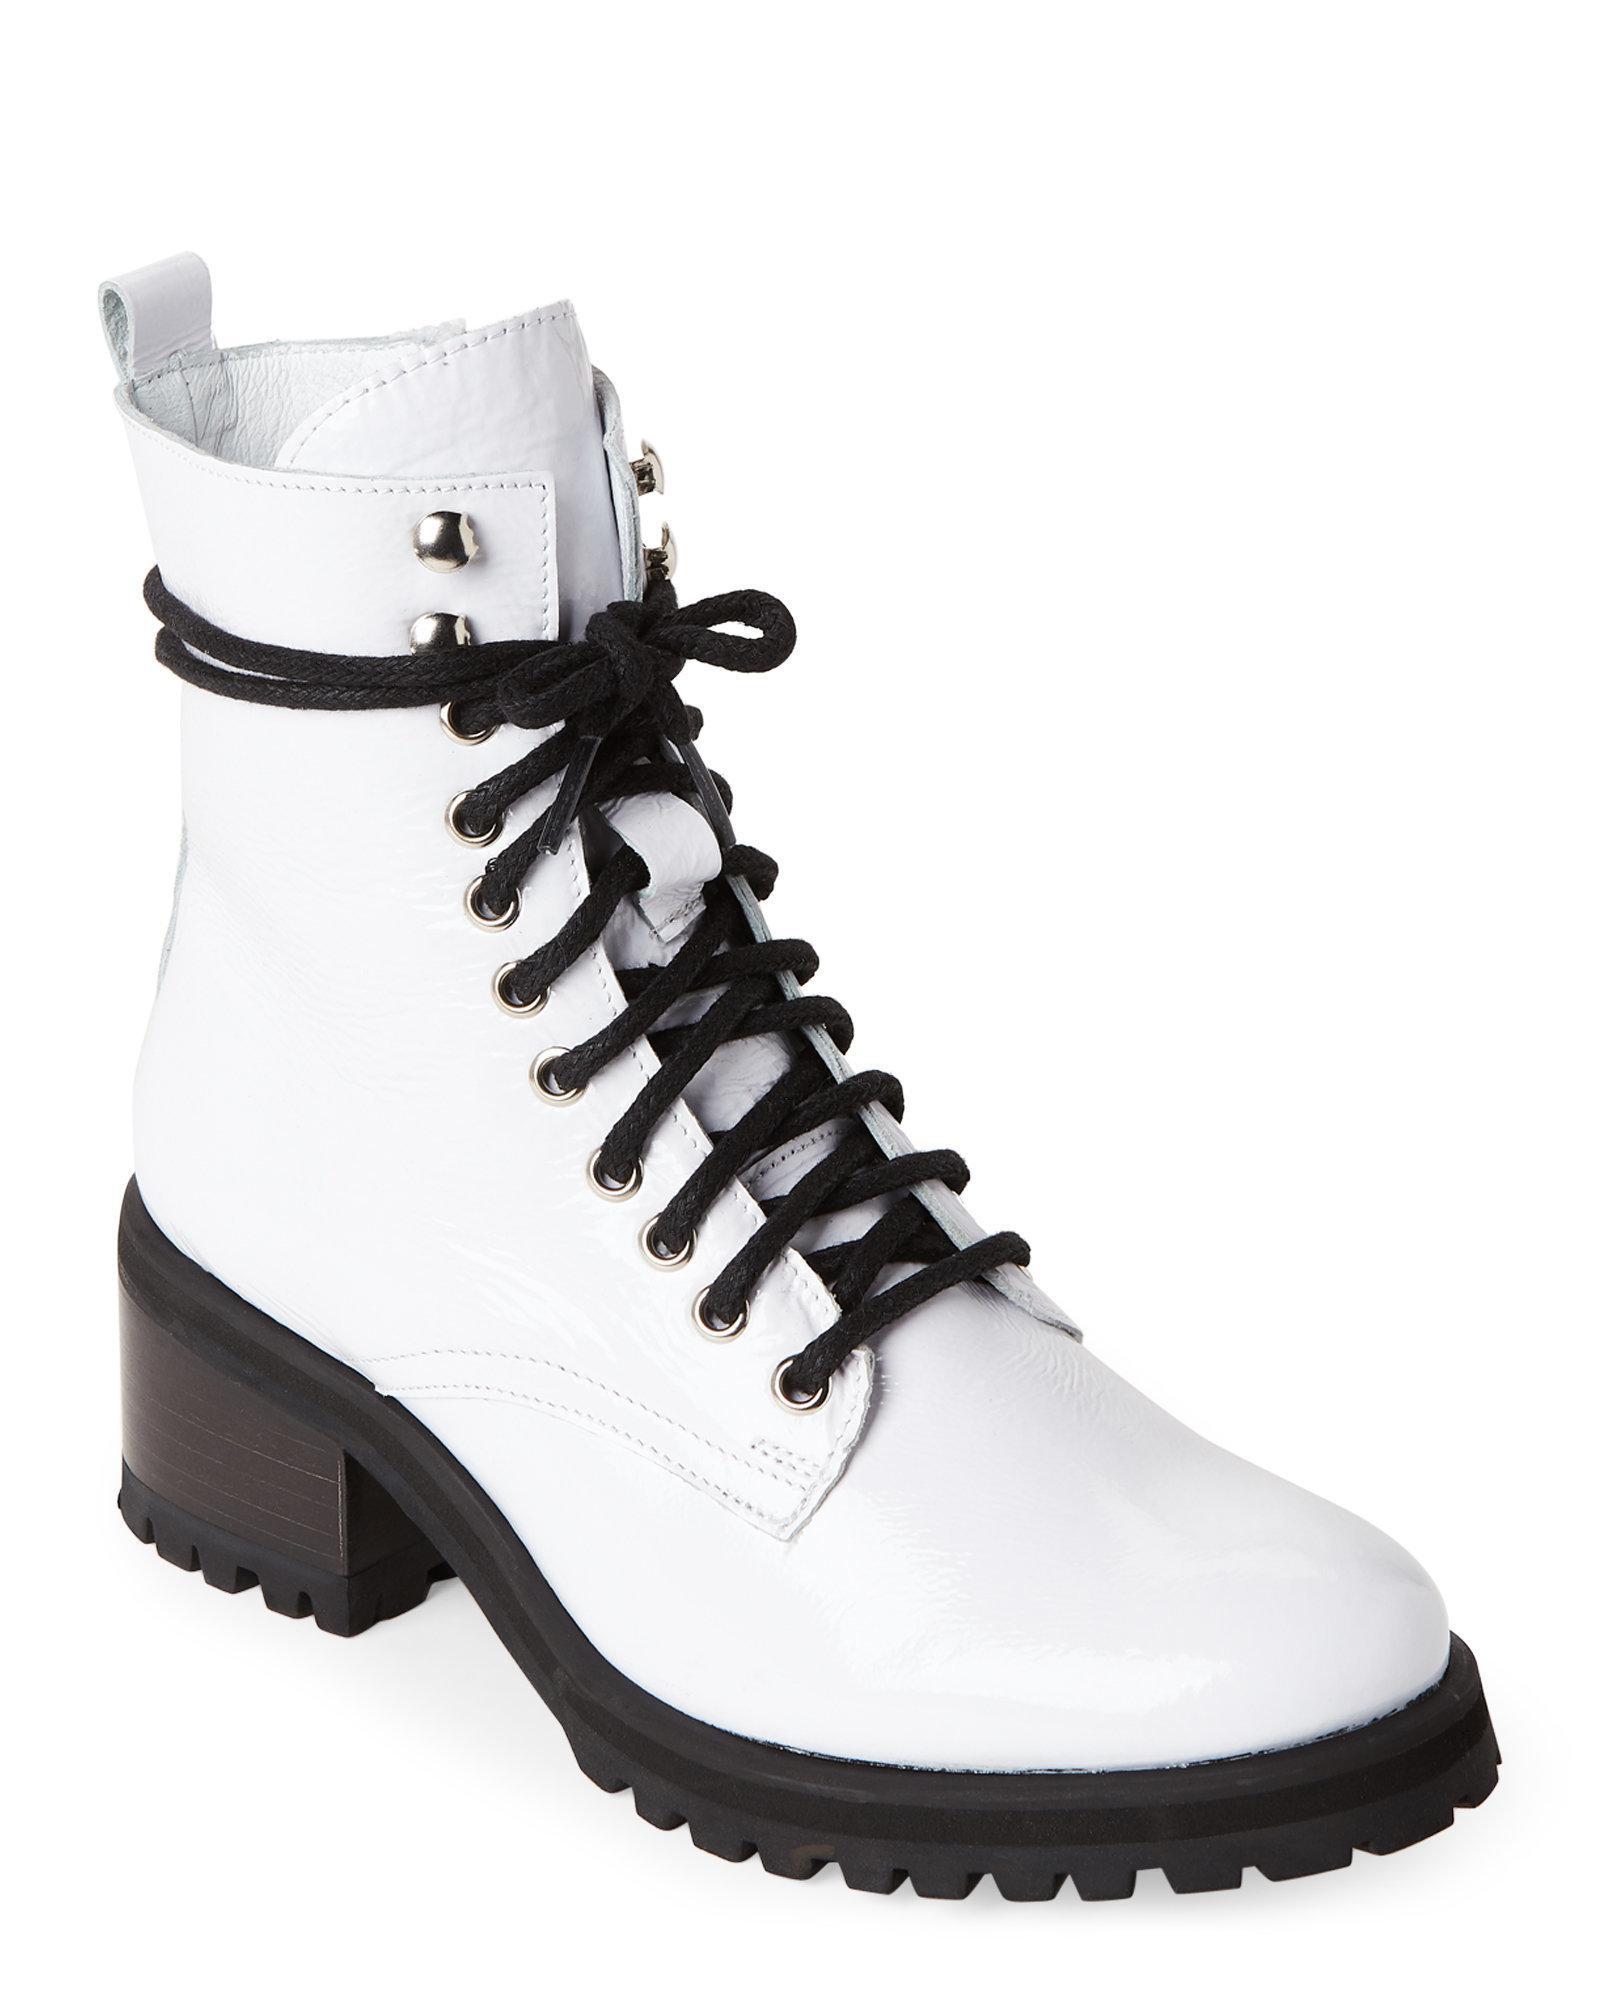 0460bccda3b Lyst - Steve Madden White Geneva Combat Boots in White for Men